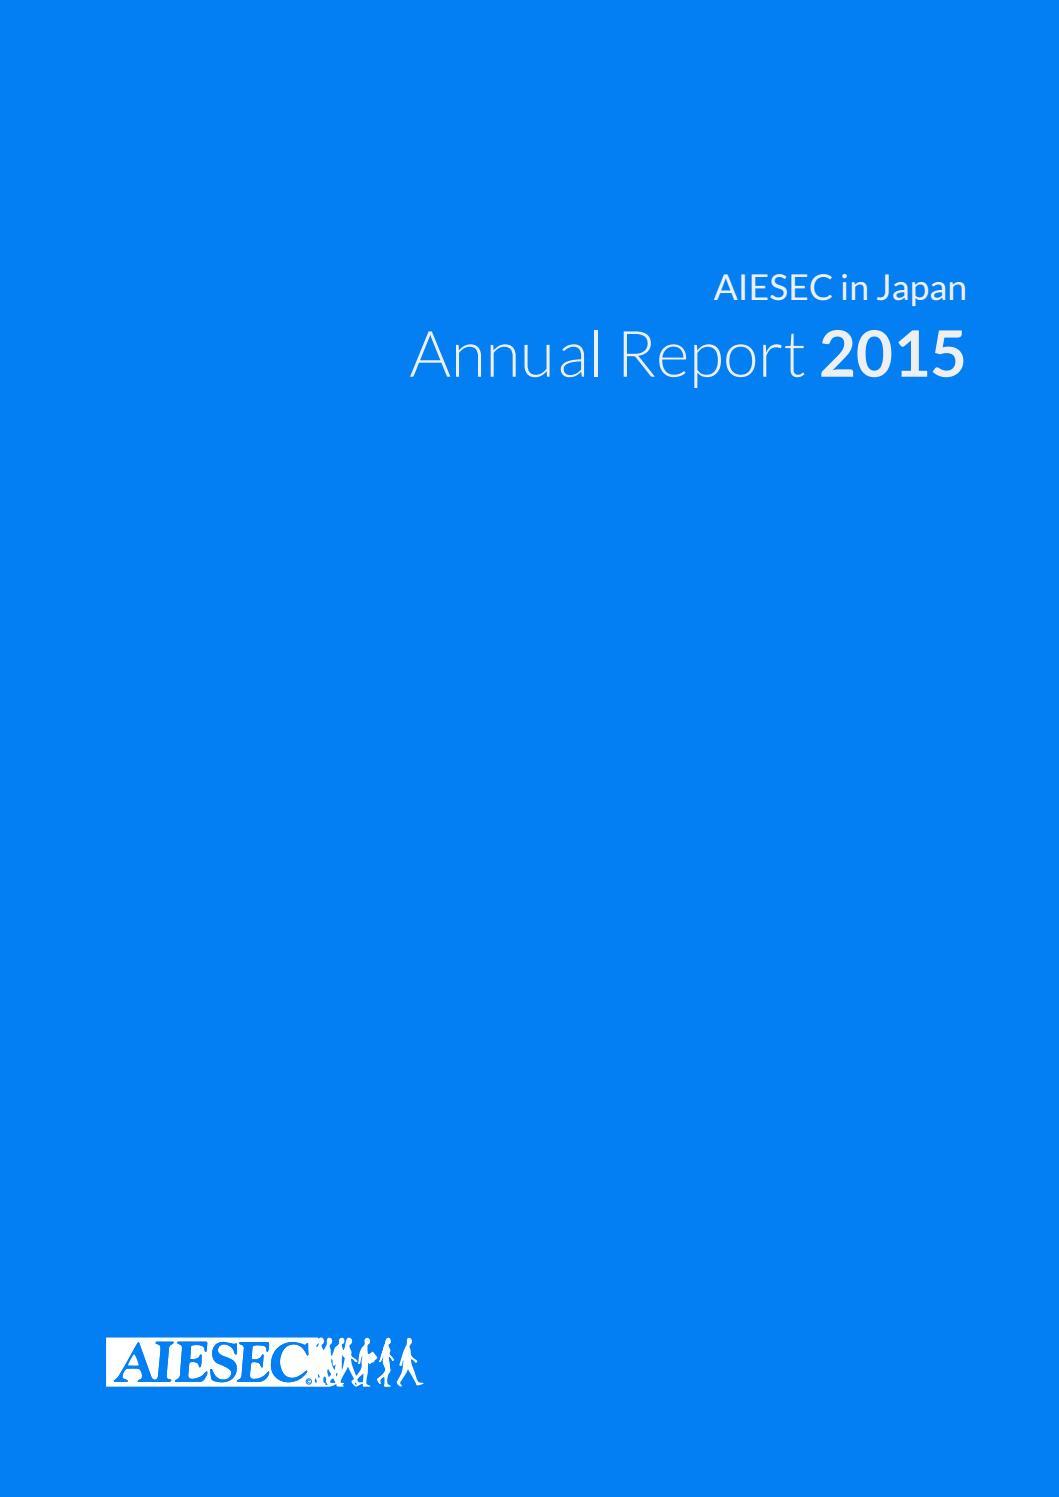 NPO法人アイセック・ジャパン 2015年度アニュアルレポートデザイン